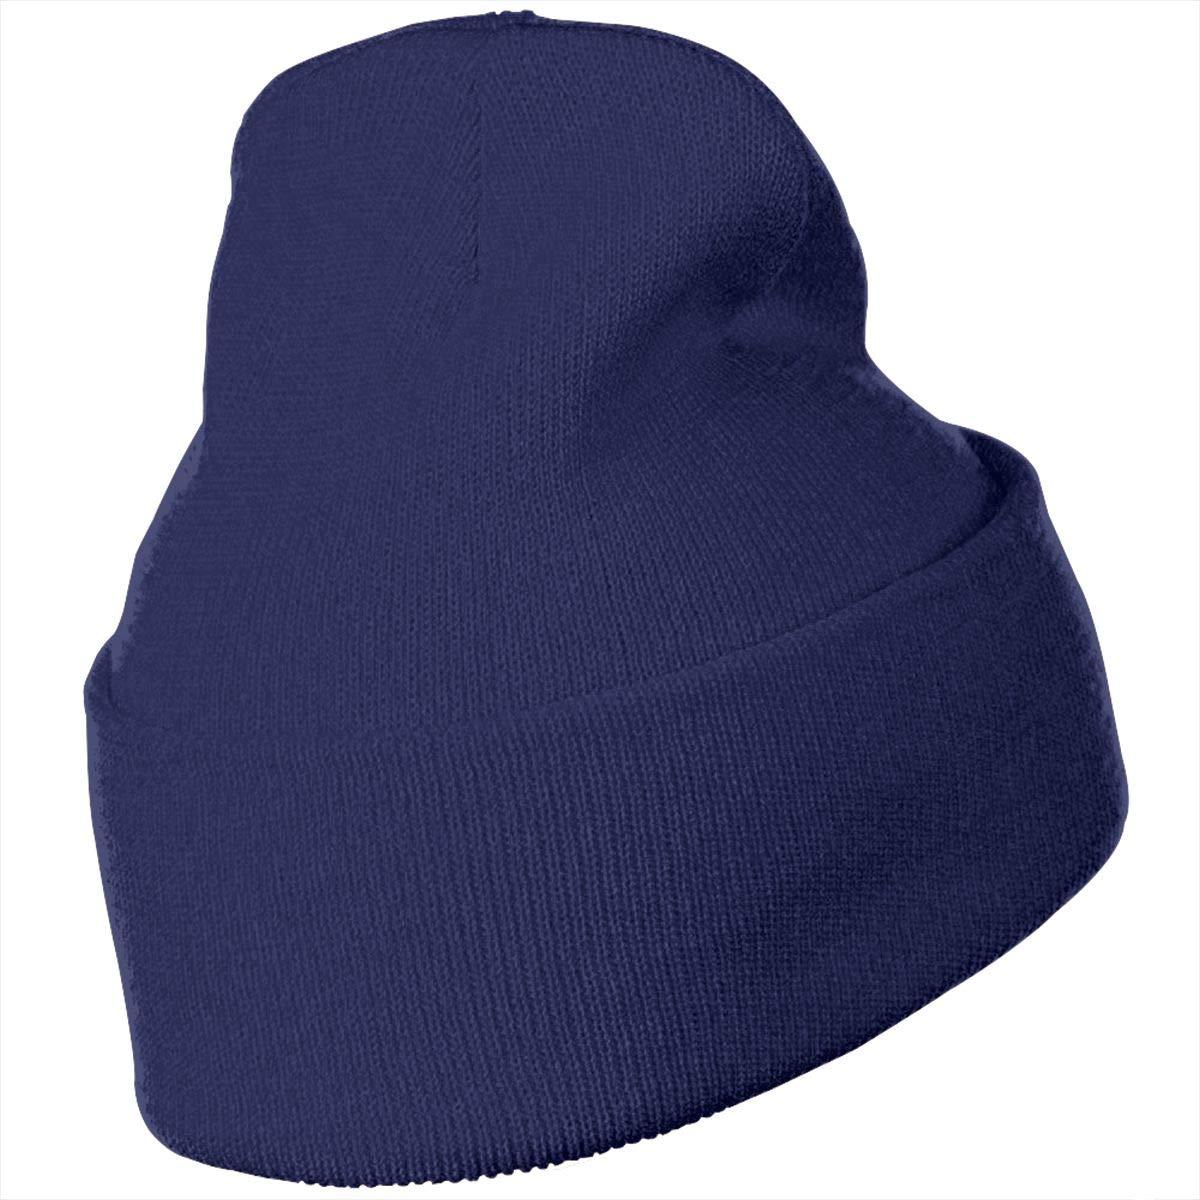 The Magic Unicorn Art Unisex Fashion Knitted Hat Luxury Hip-Hop Cap